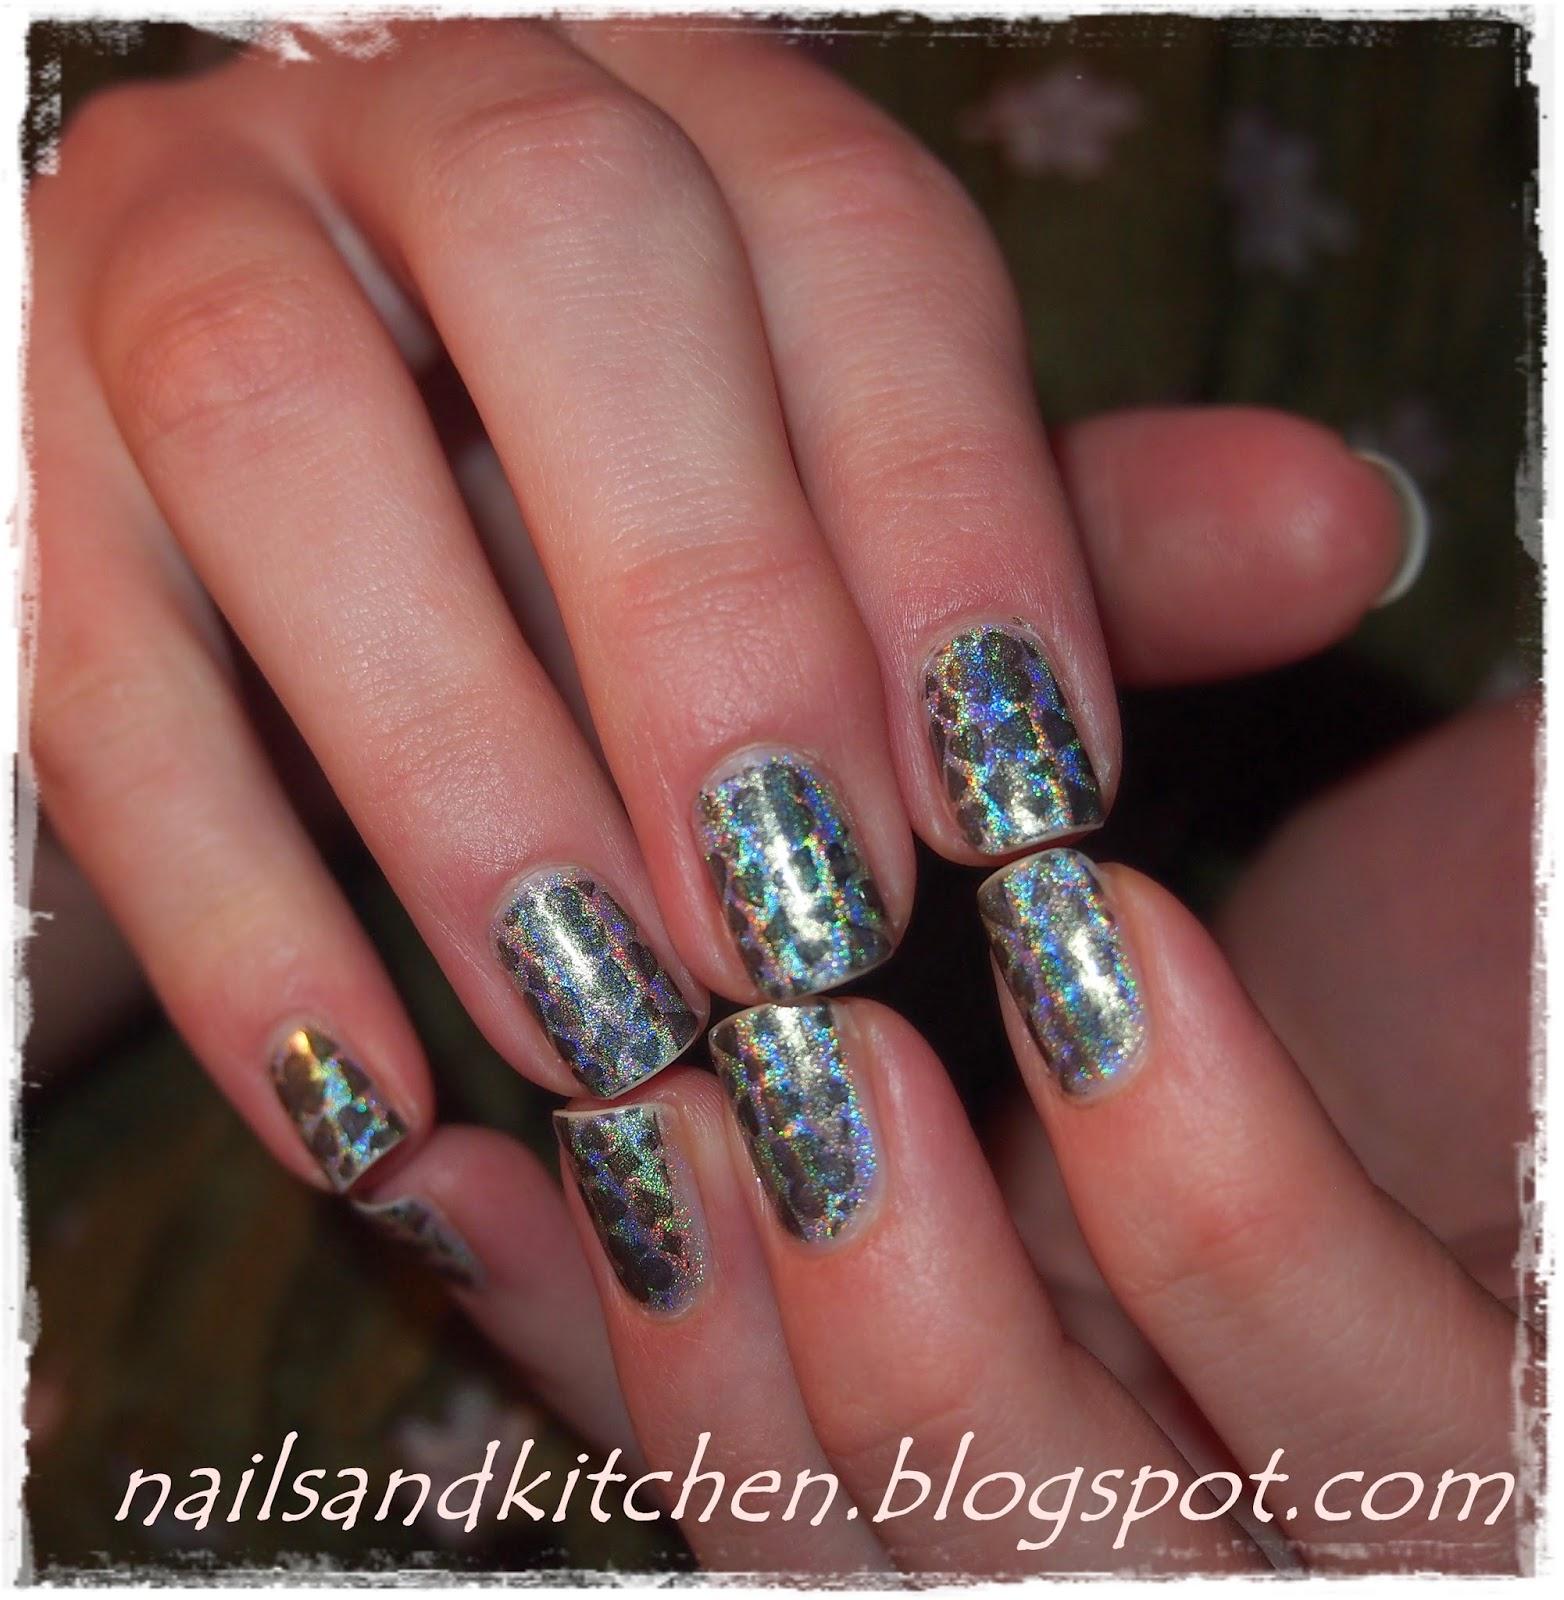 http://nailsandkitchen.blogspot.com/2014/06/holograficzne-kolory.html